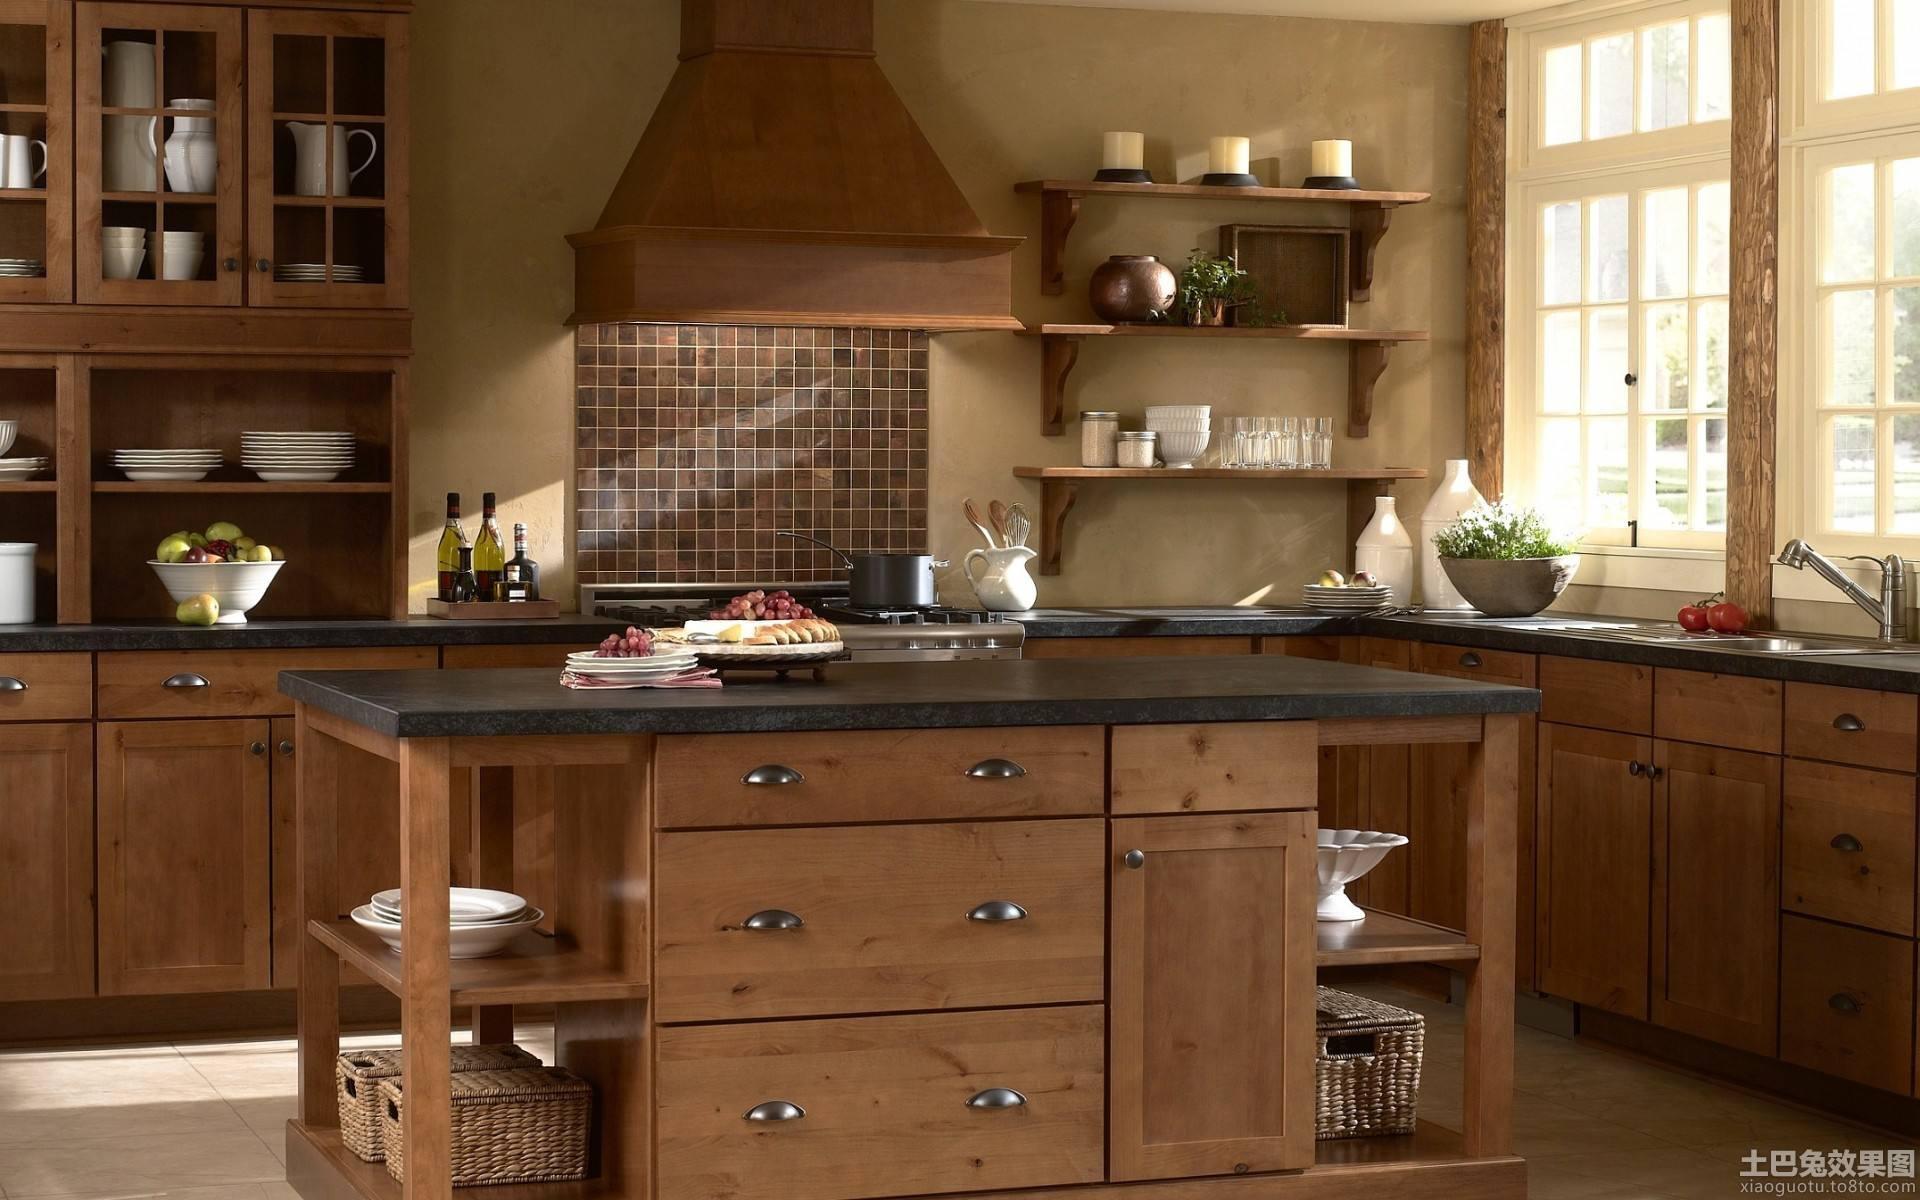 复古欧式厨房实木橱柜效果图装修效果图_第5张 - 家居